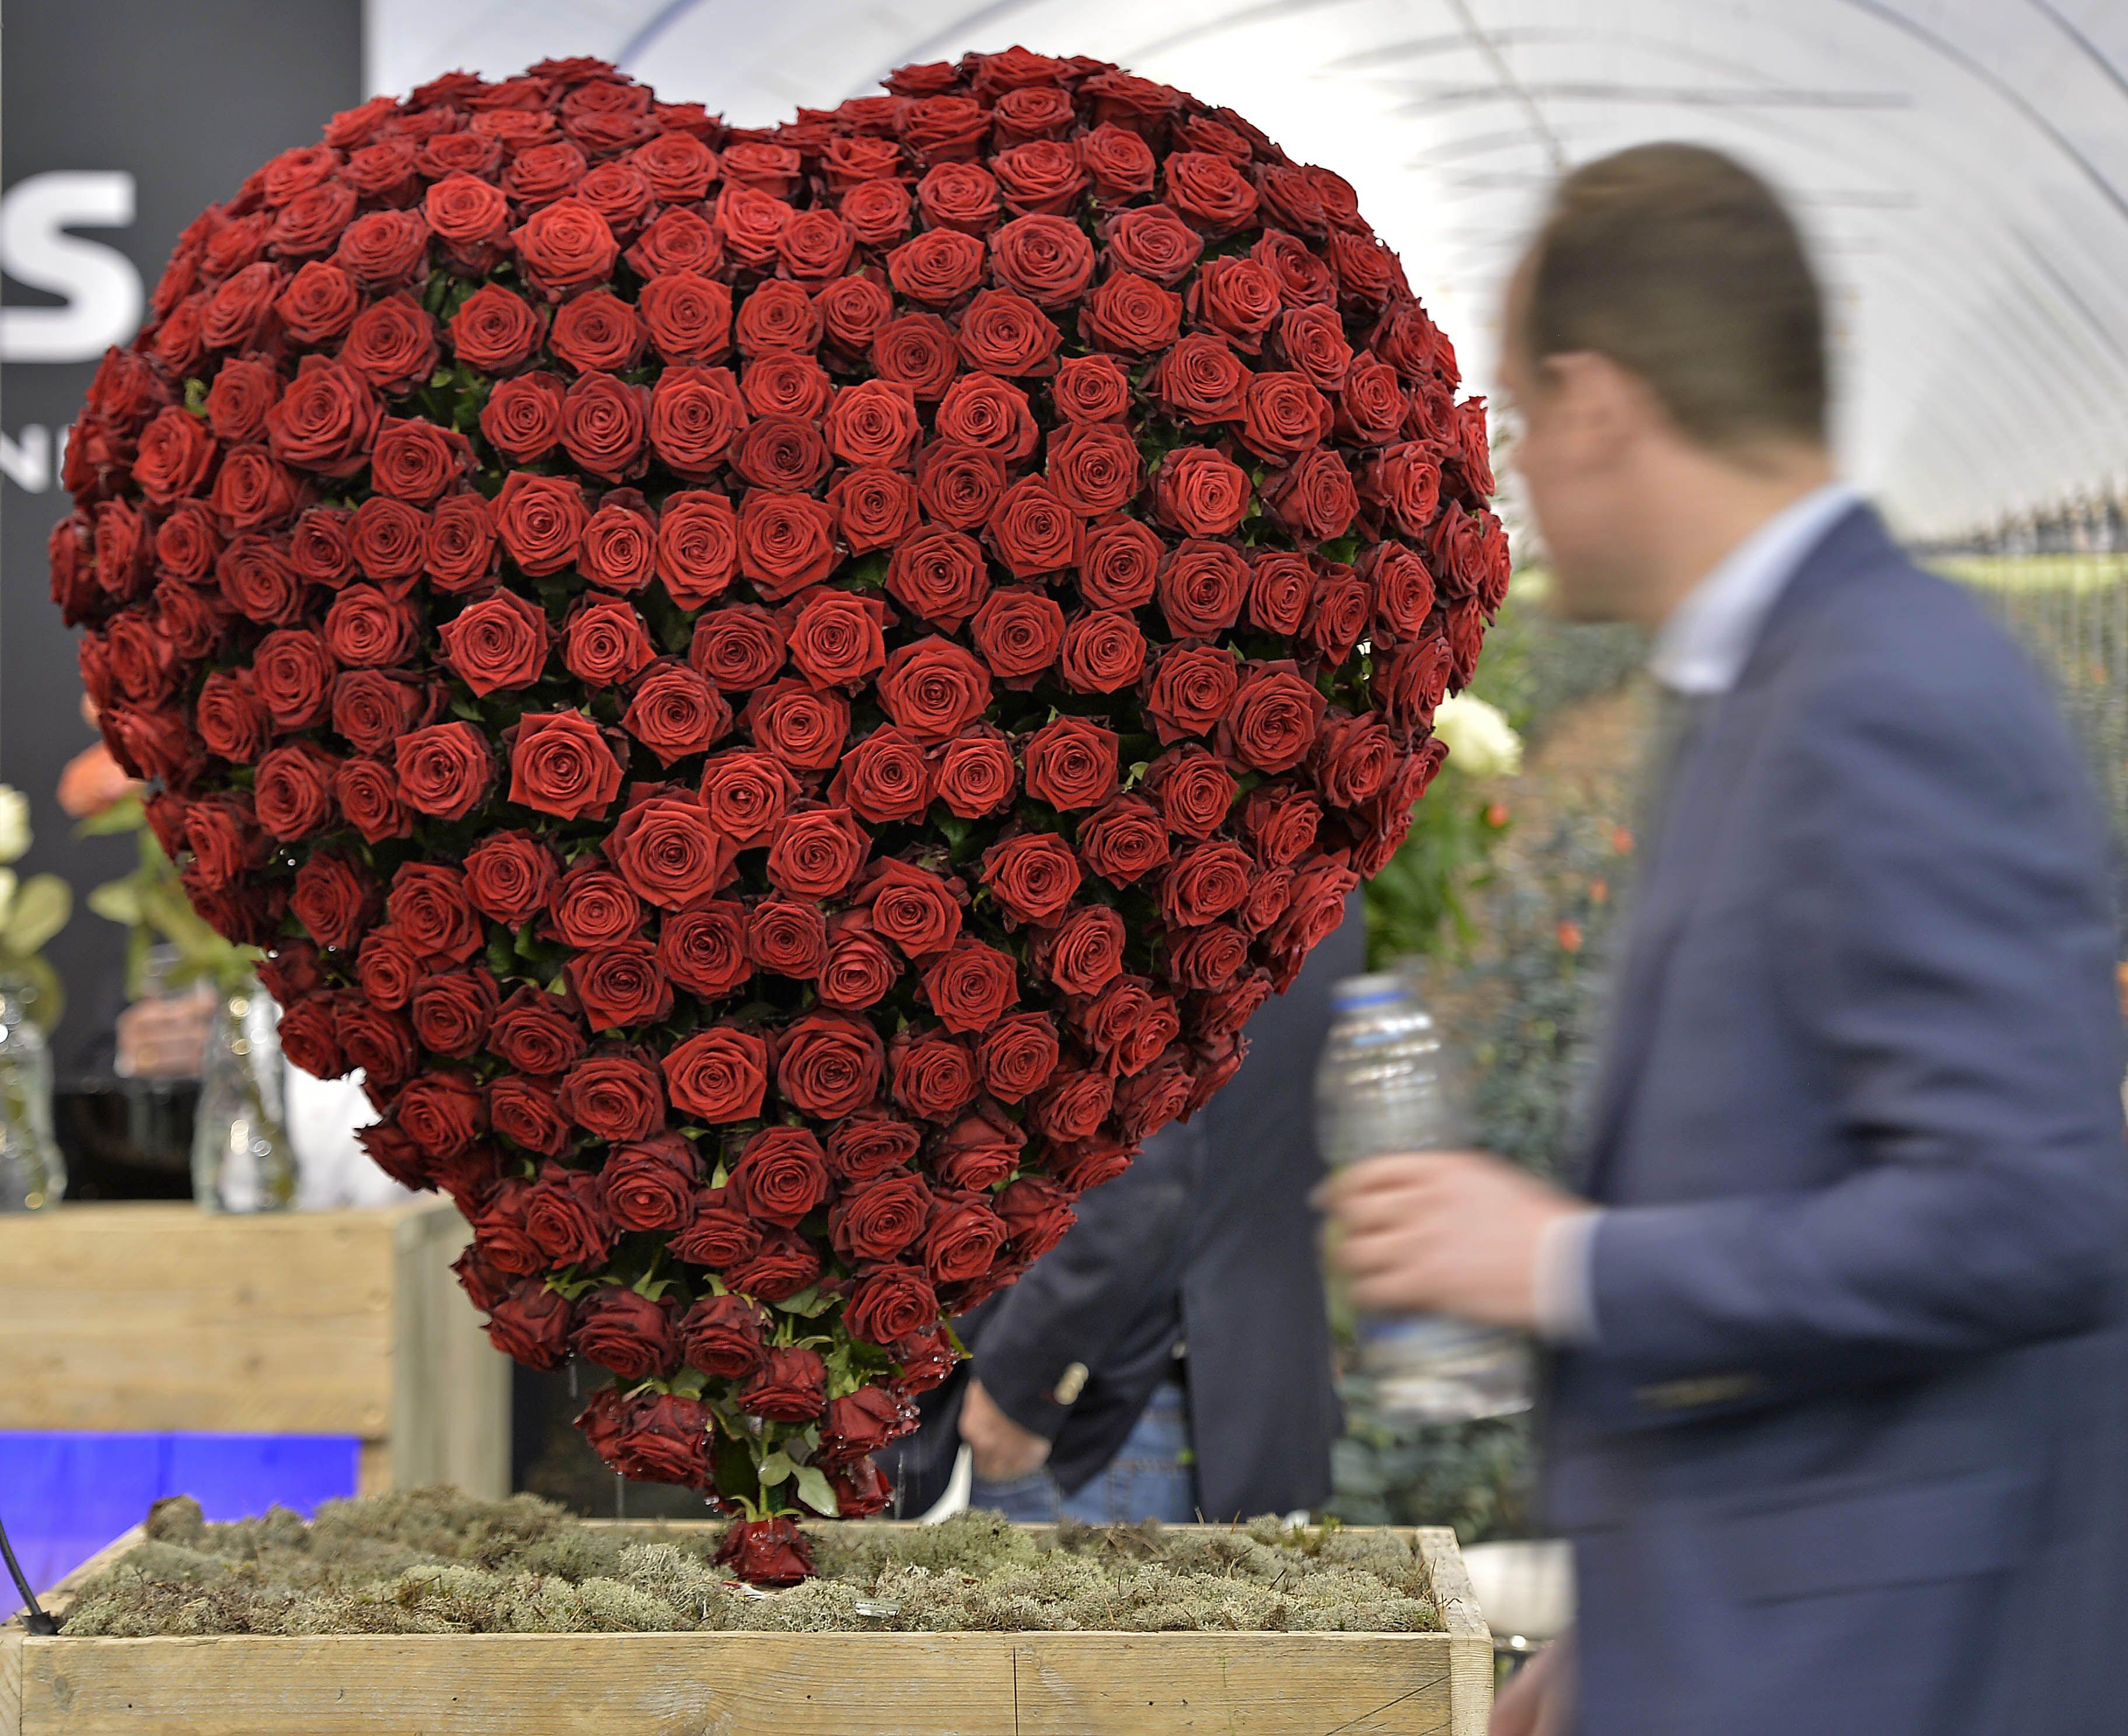 Rangkaian Bunga Mawar Yang Berbentuk Hati Dalam Pameran Dagang Di